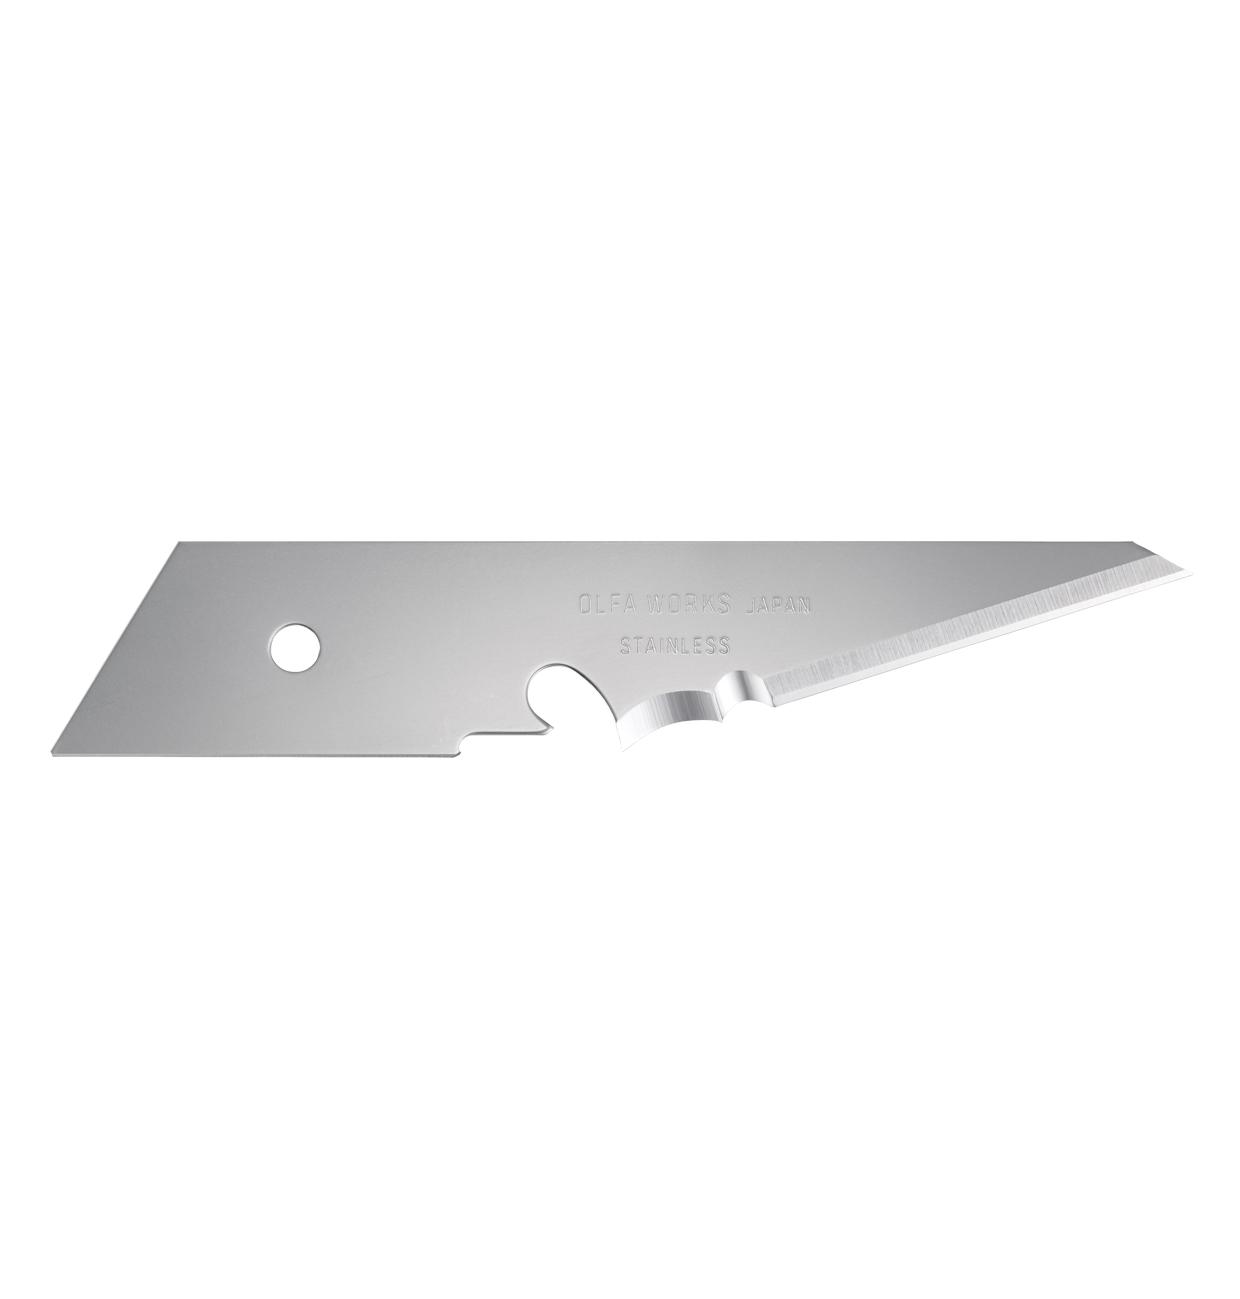 ブッシュクラフトナイフ替刃 BK1 1枚入